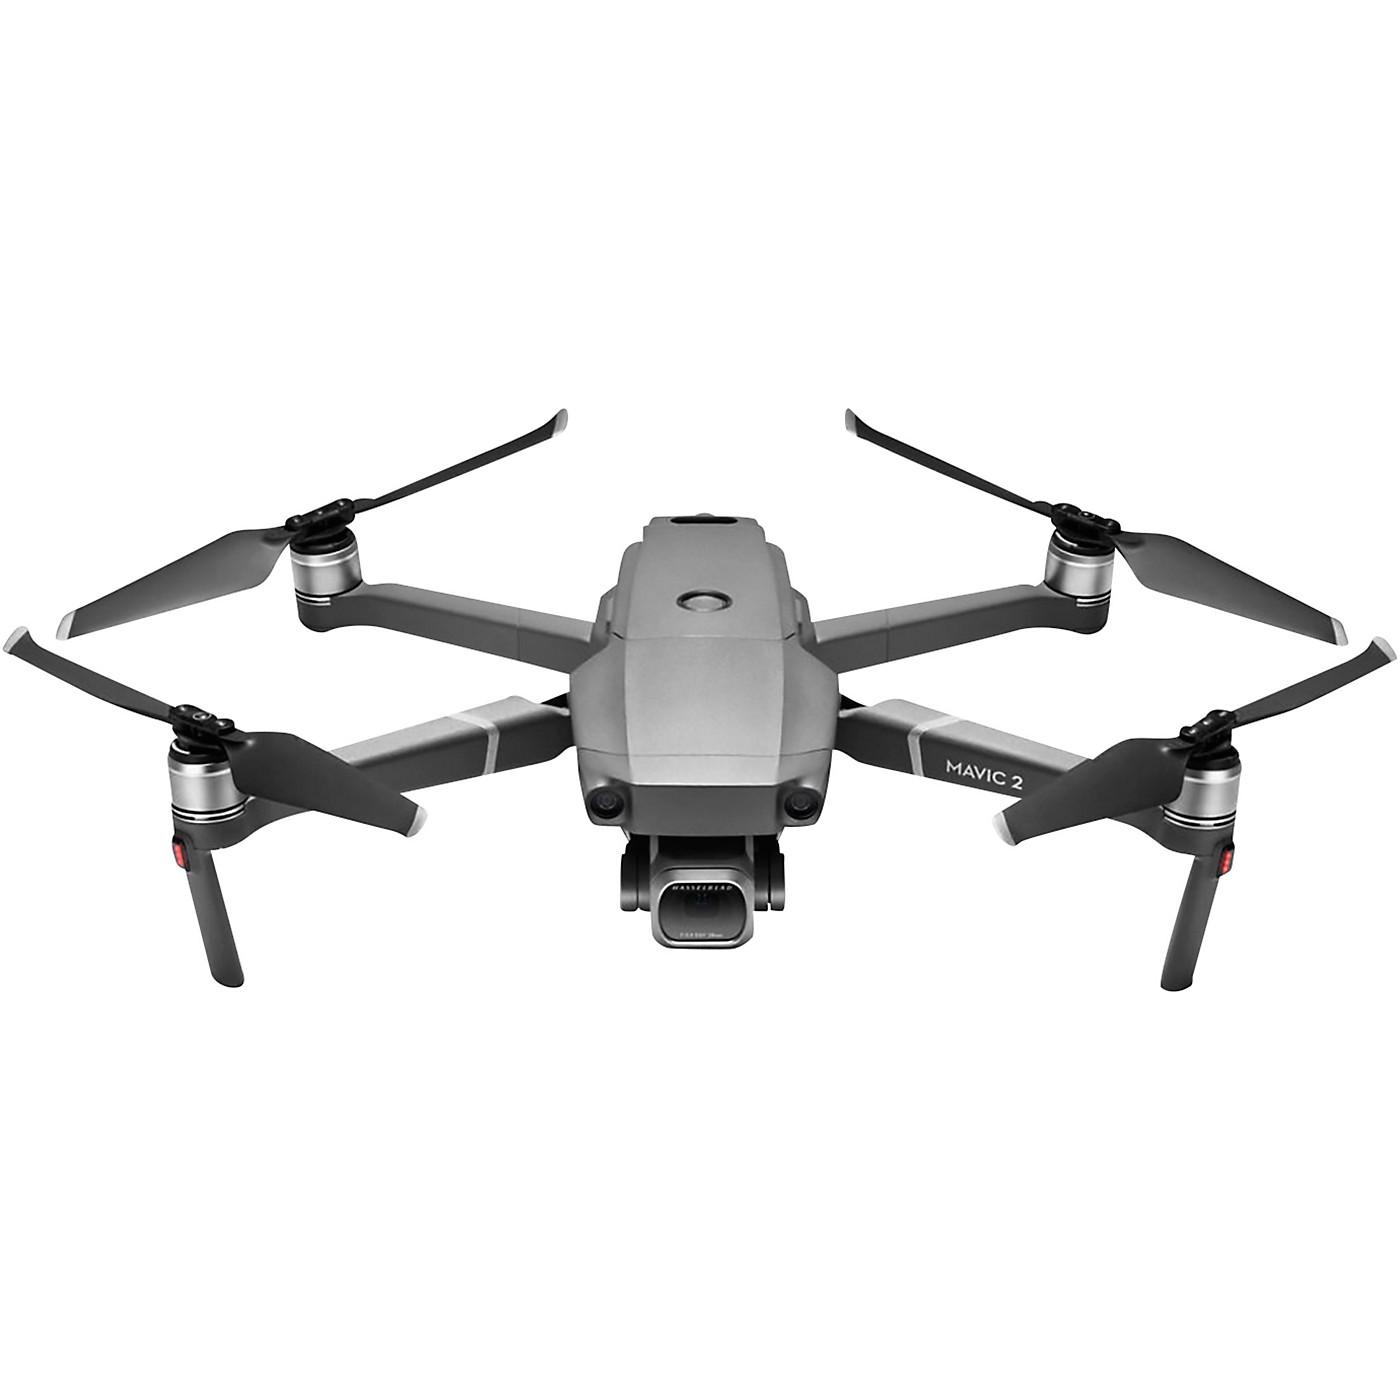 DJI Mavic 2 Pro Drone thumbnail